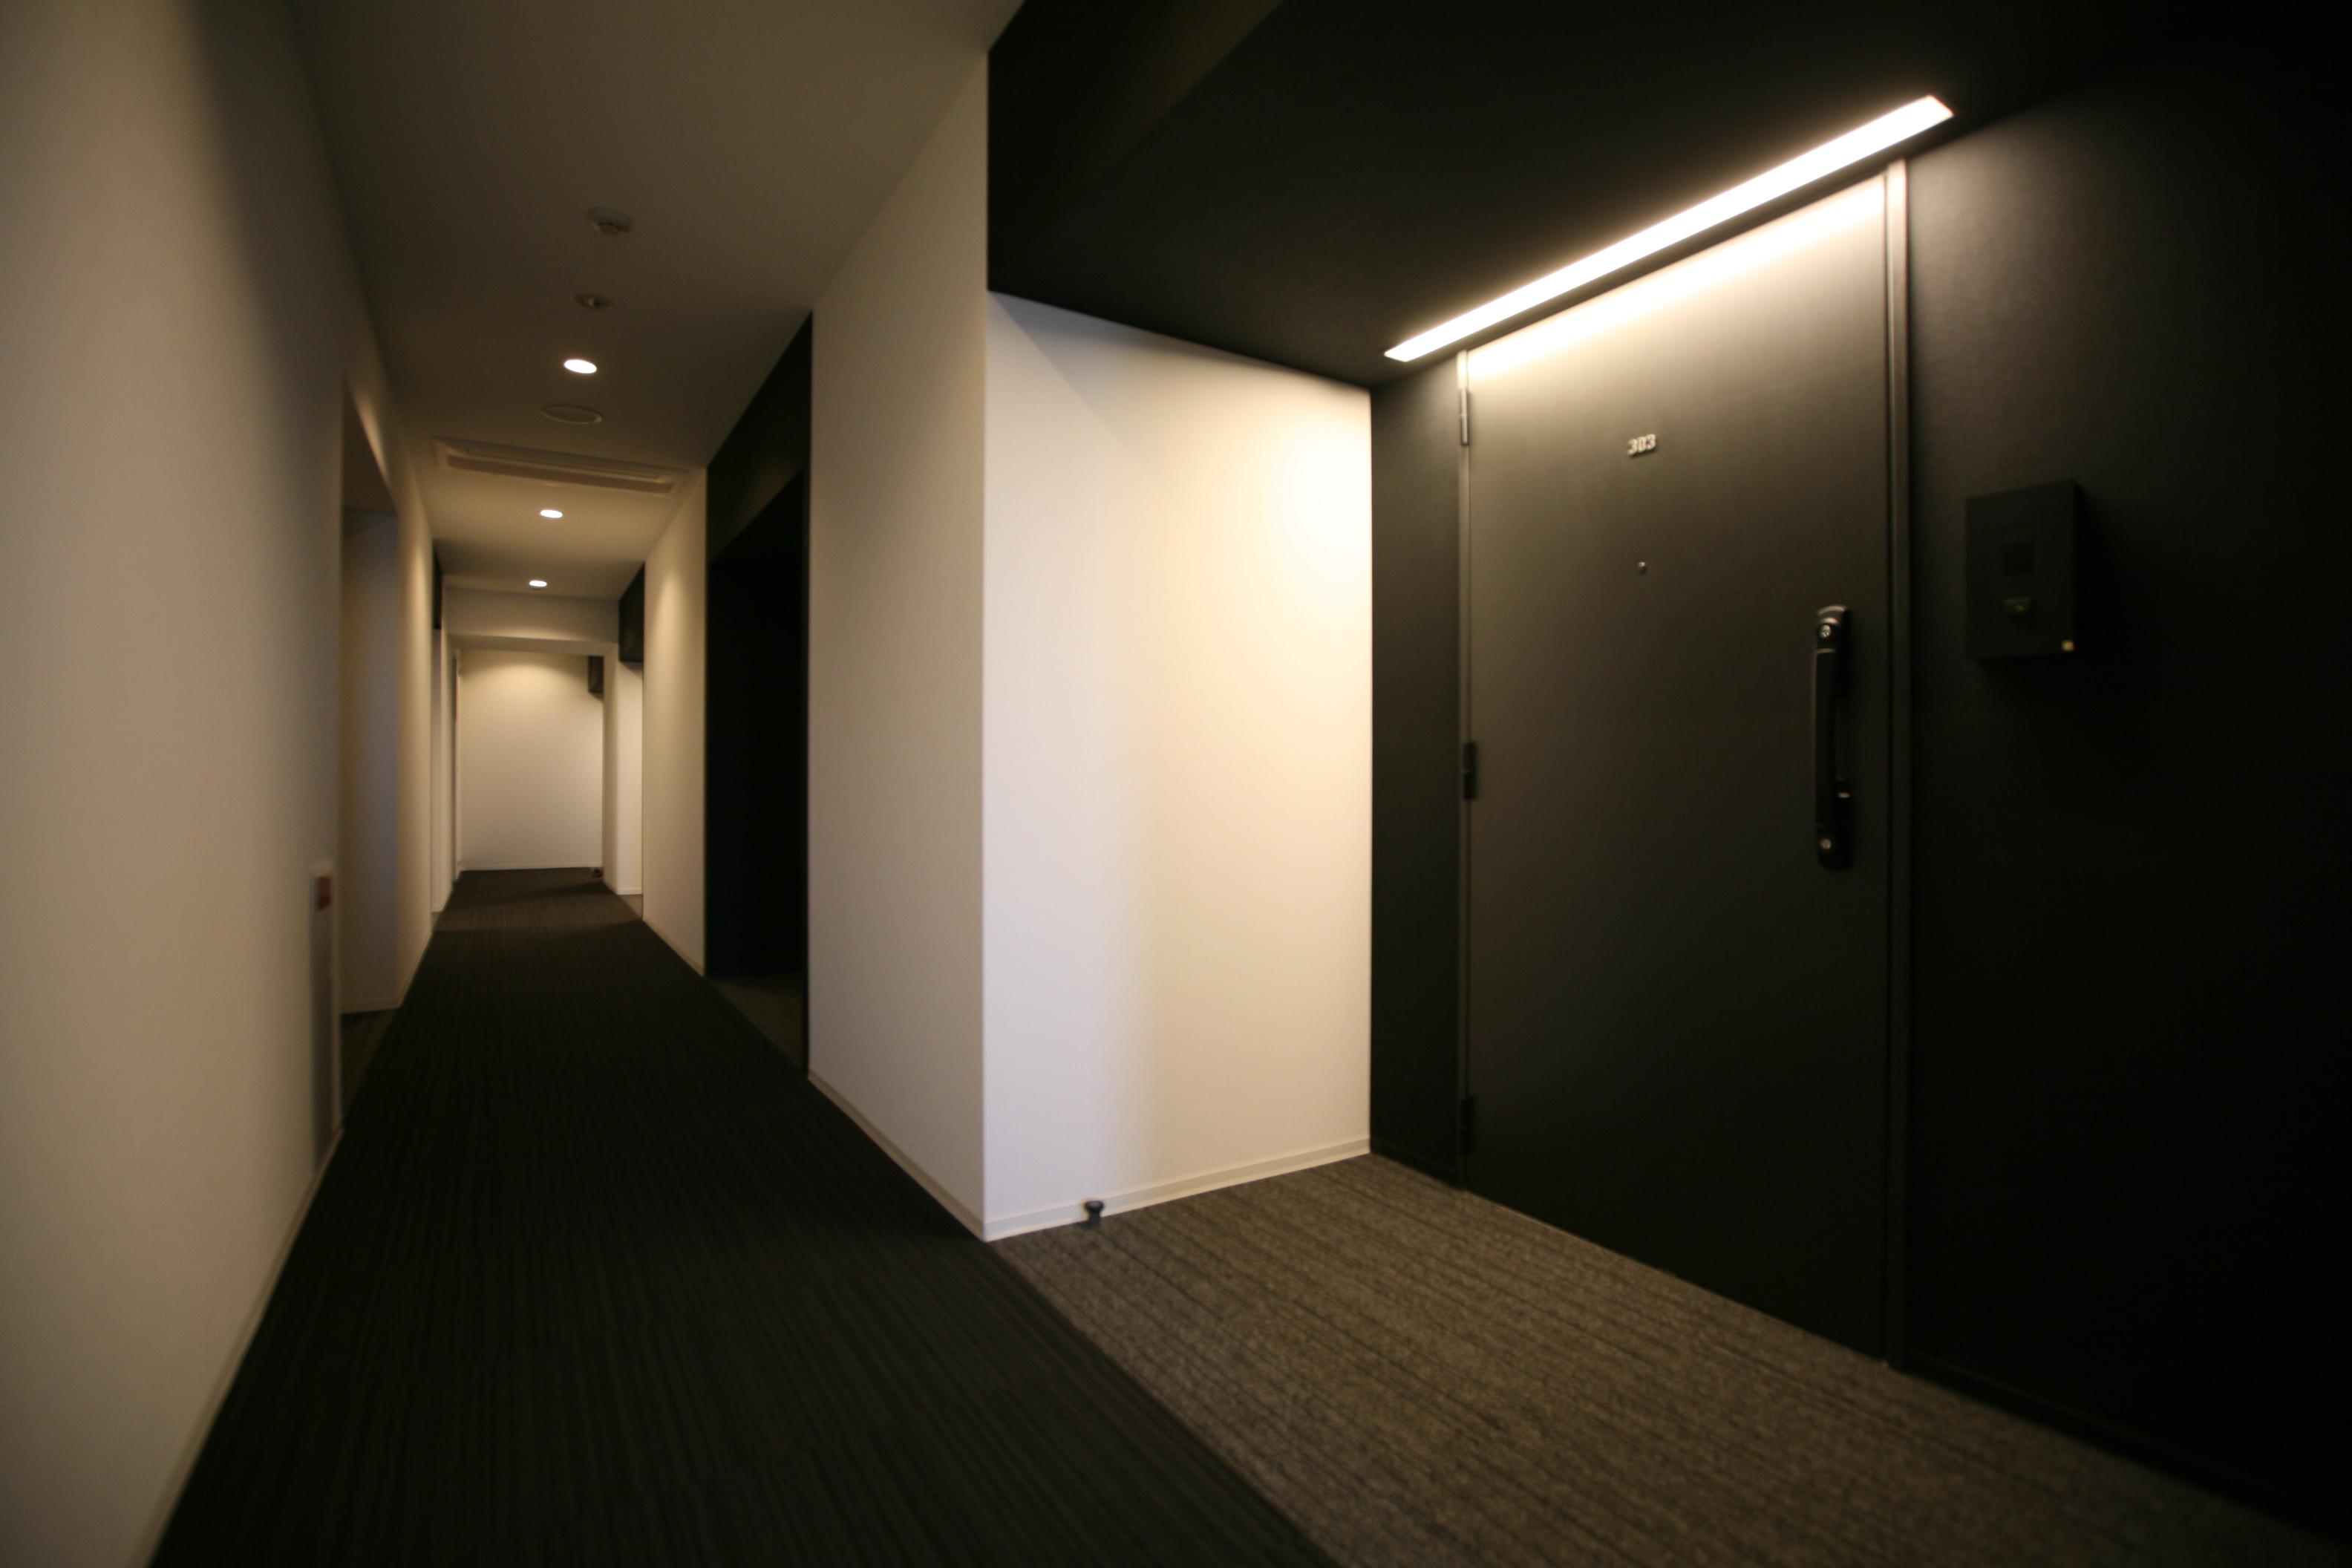 ホテルライクな内廊下を採用するとともに、プライバシーに配慮し各住戸の玄関にはオープンポーチを設け、また玄関同士が向かい合わない… イメージ